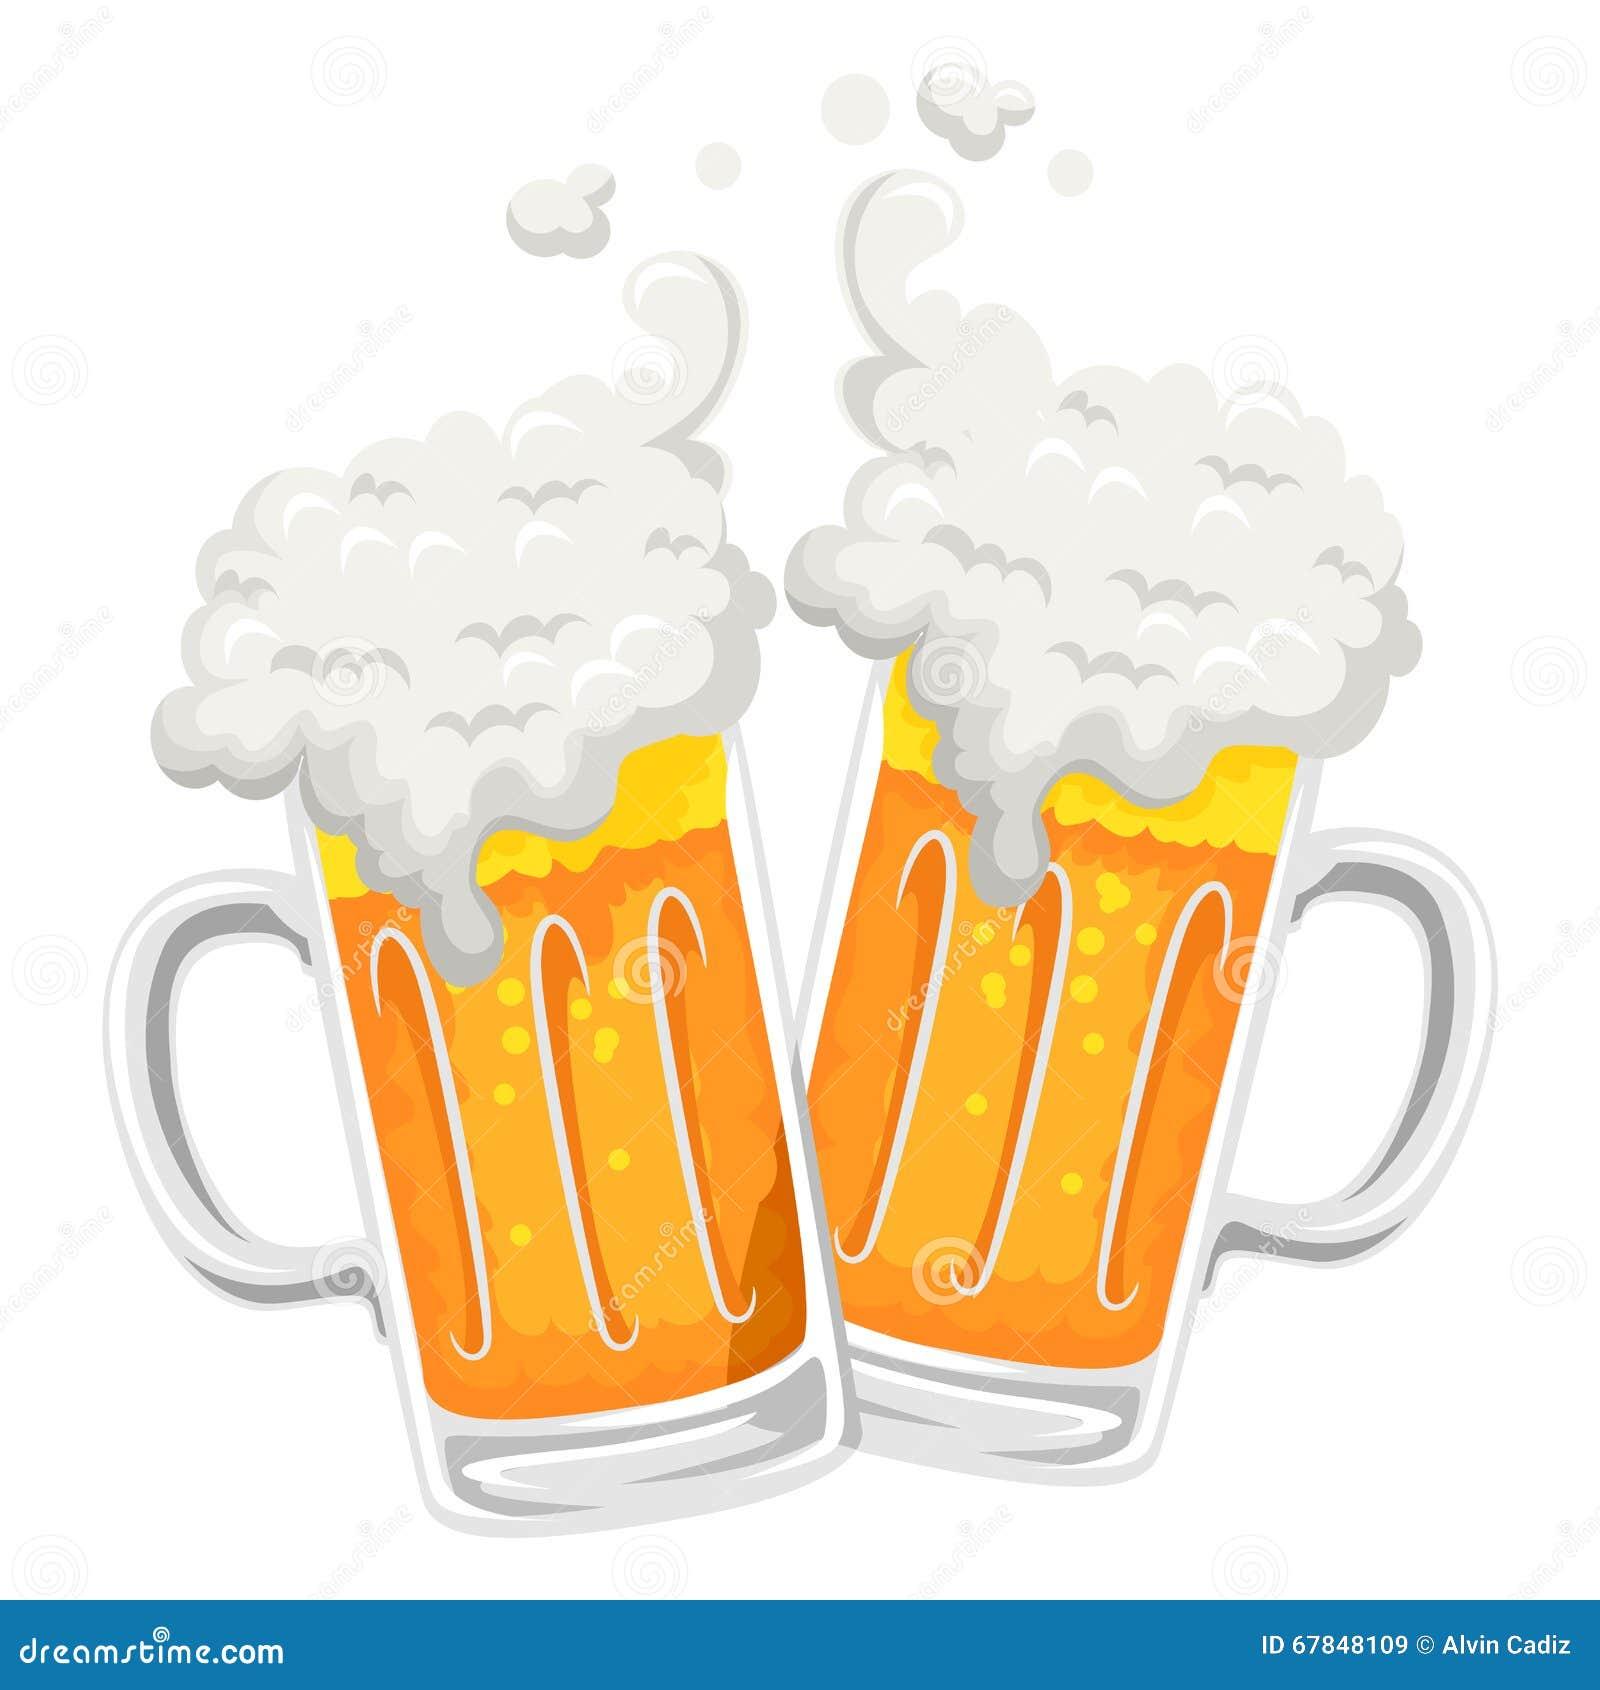 illustration of beer mug toast stock illustration image splash vector.rar splash vector.rar